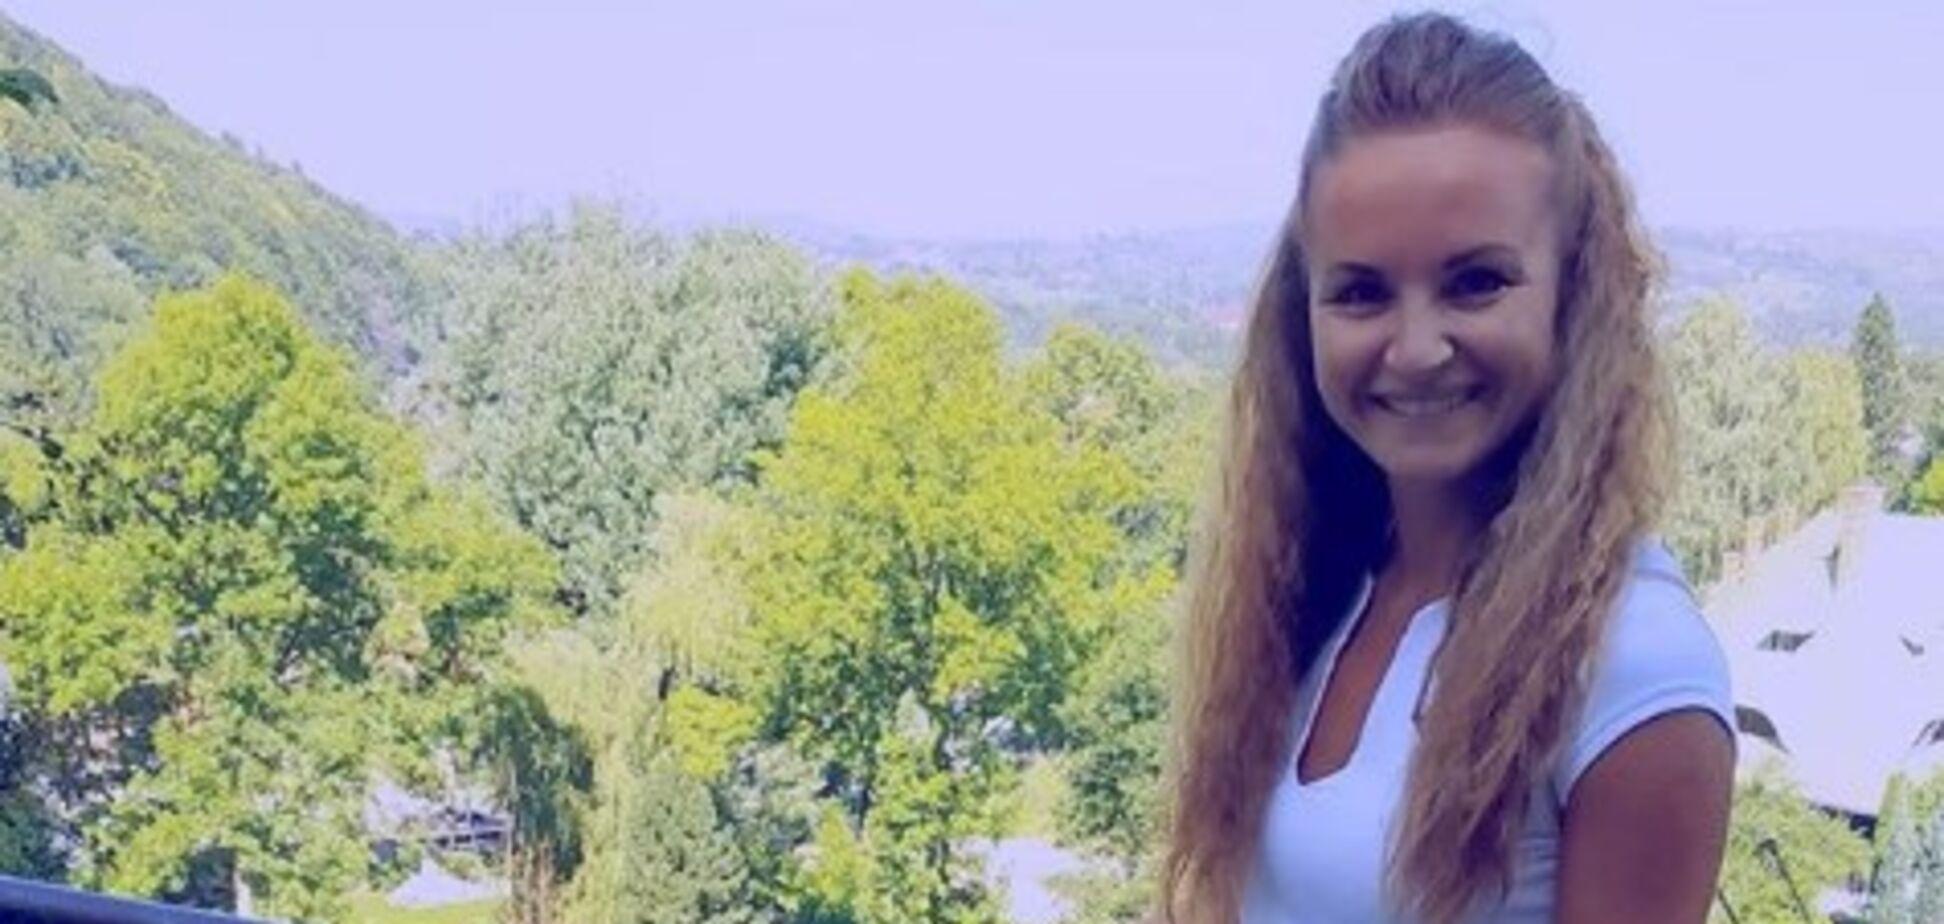 Під Одесою померла учасниця ультрамарафону, яку шукали 8 годин